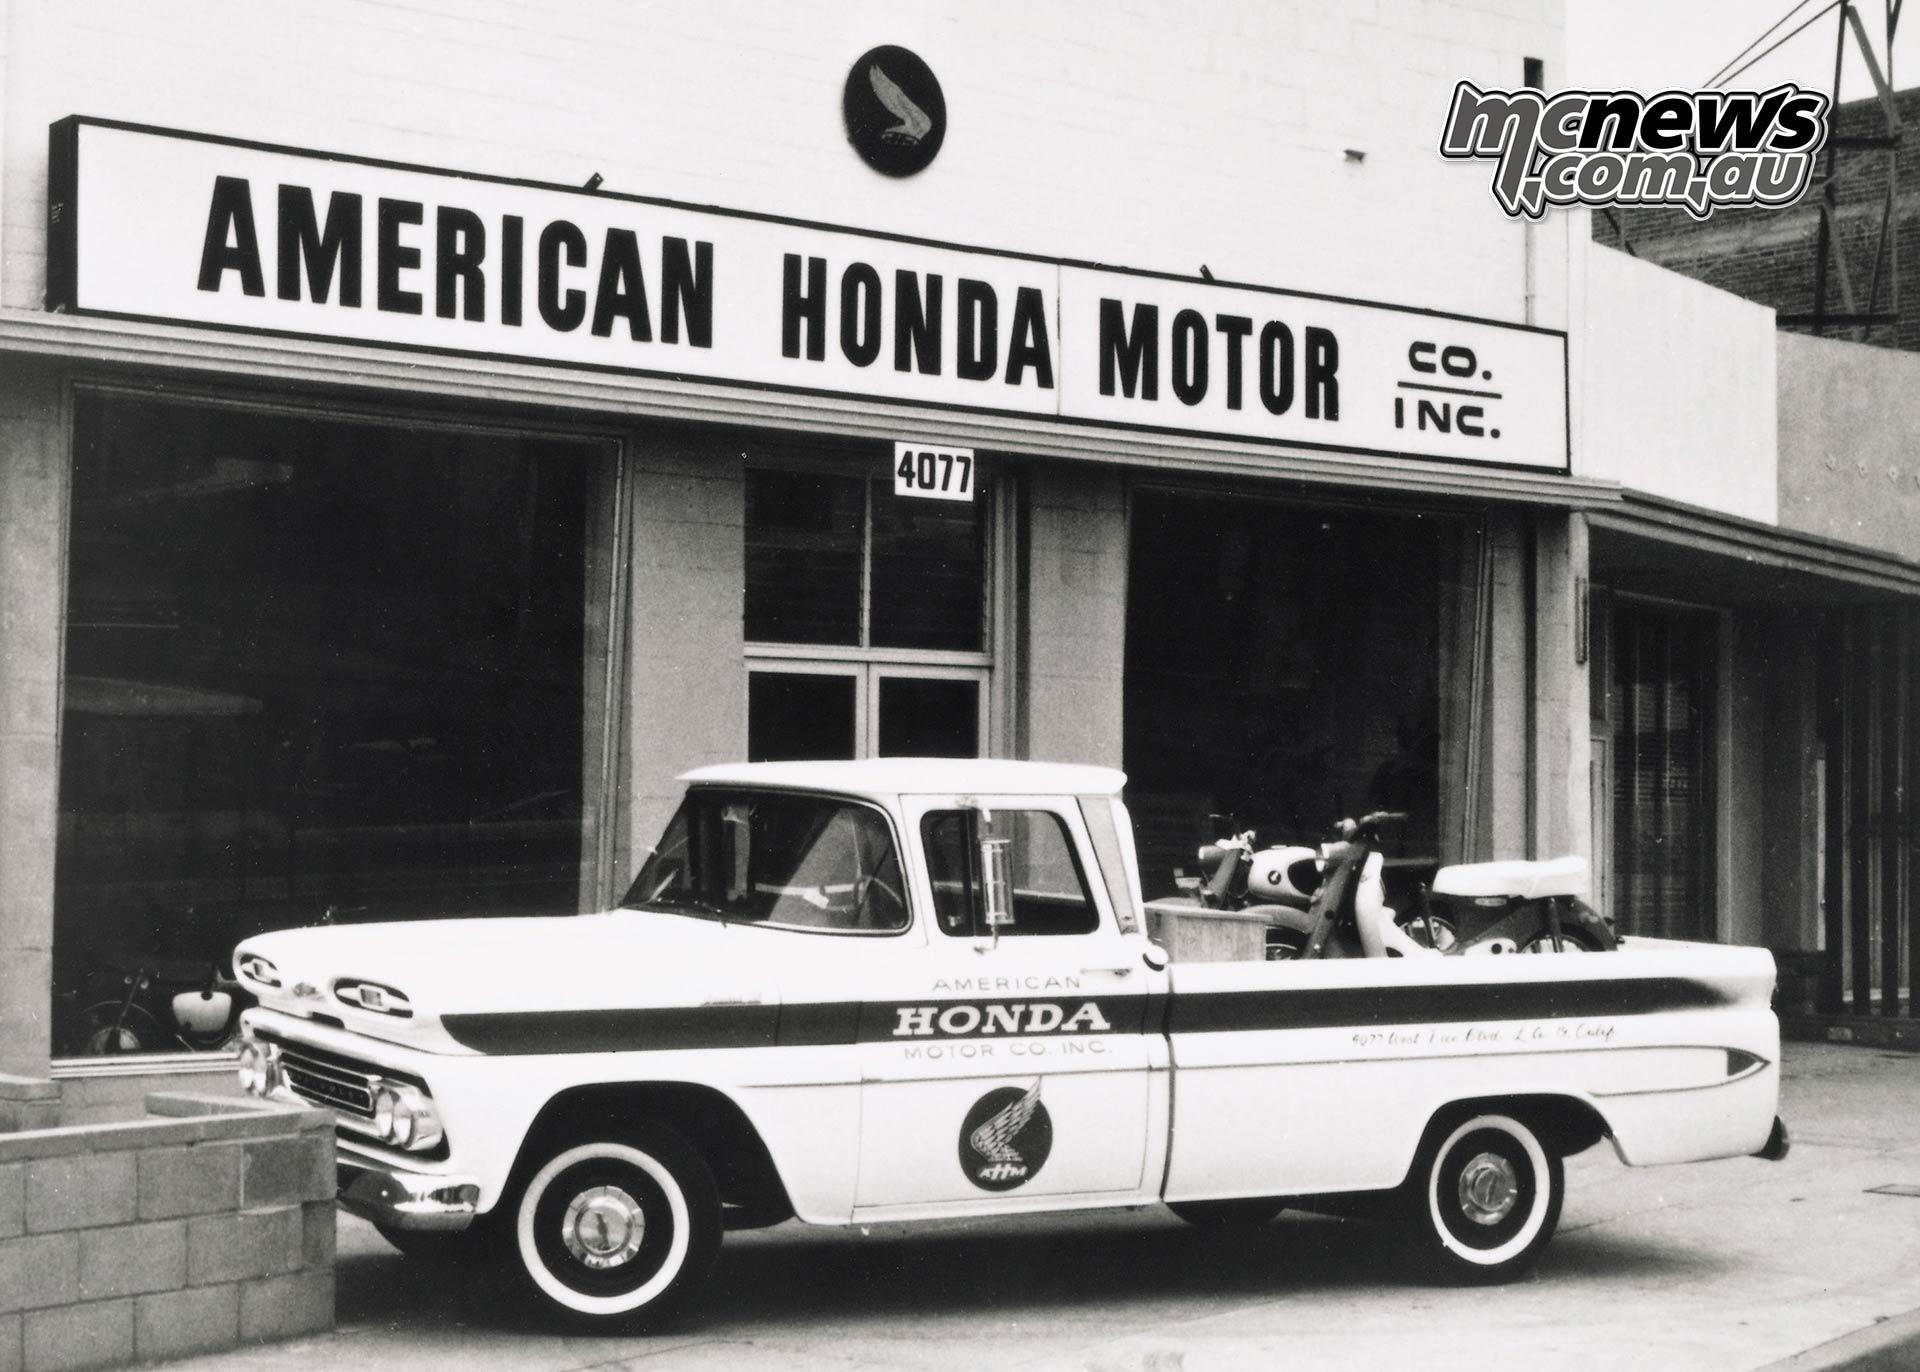 Honda th anniversary Chev Delivery Truck Original